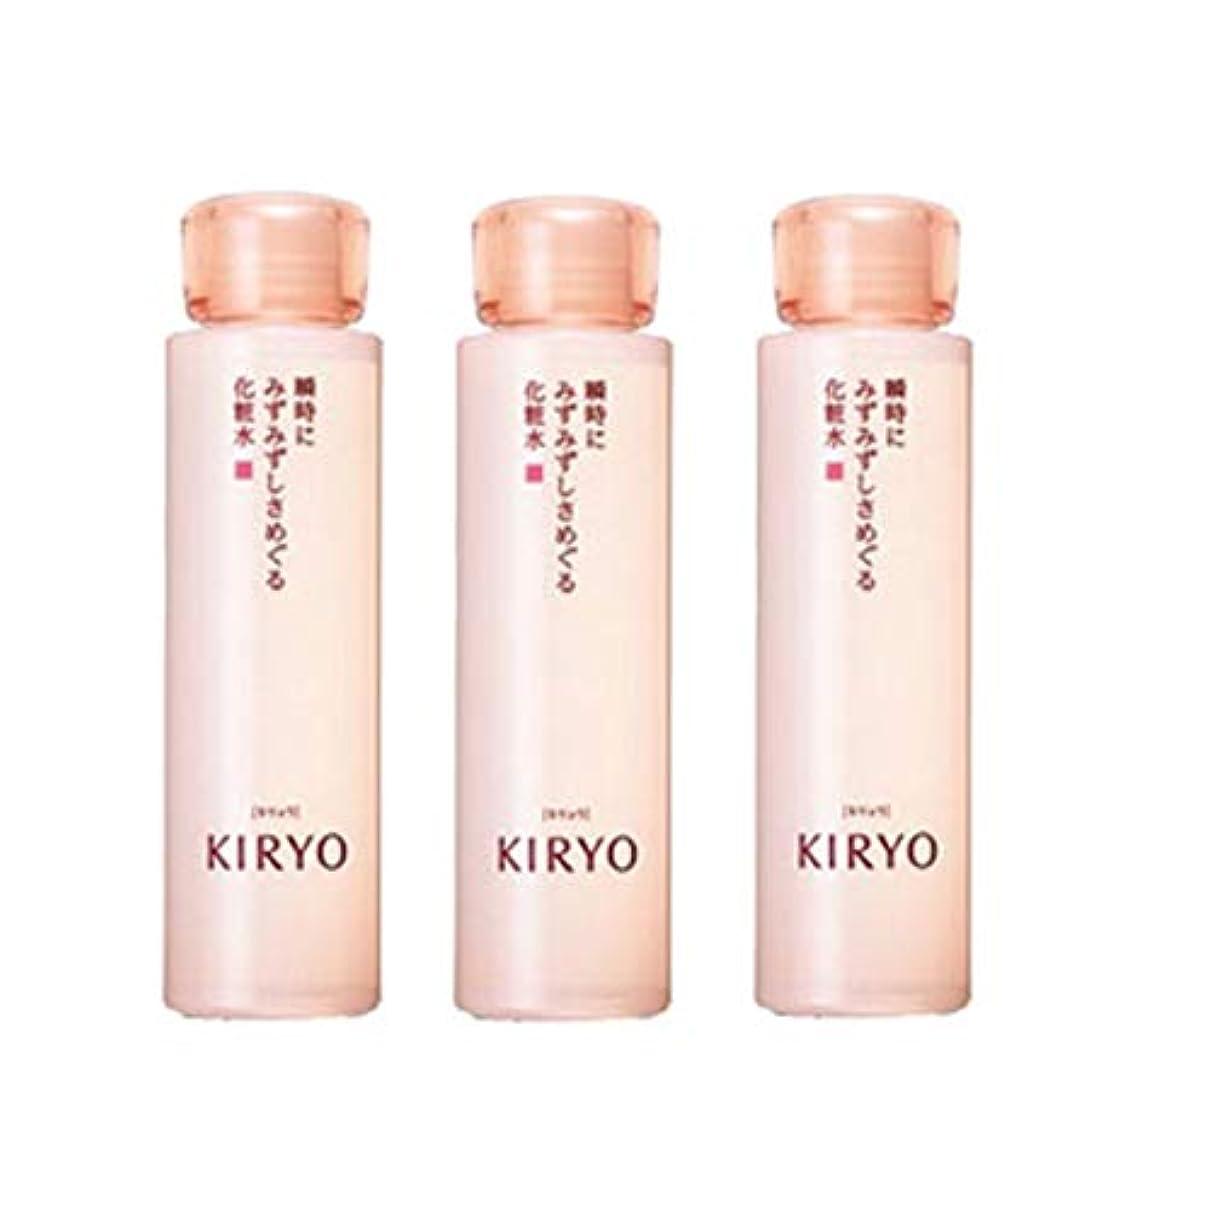 パネル敬礼印象的な【資生堂】KIRYO キリョウ ローション I (さっぱり)150mL ×3個セット【International shipping available】